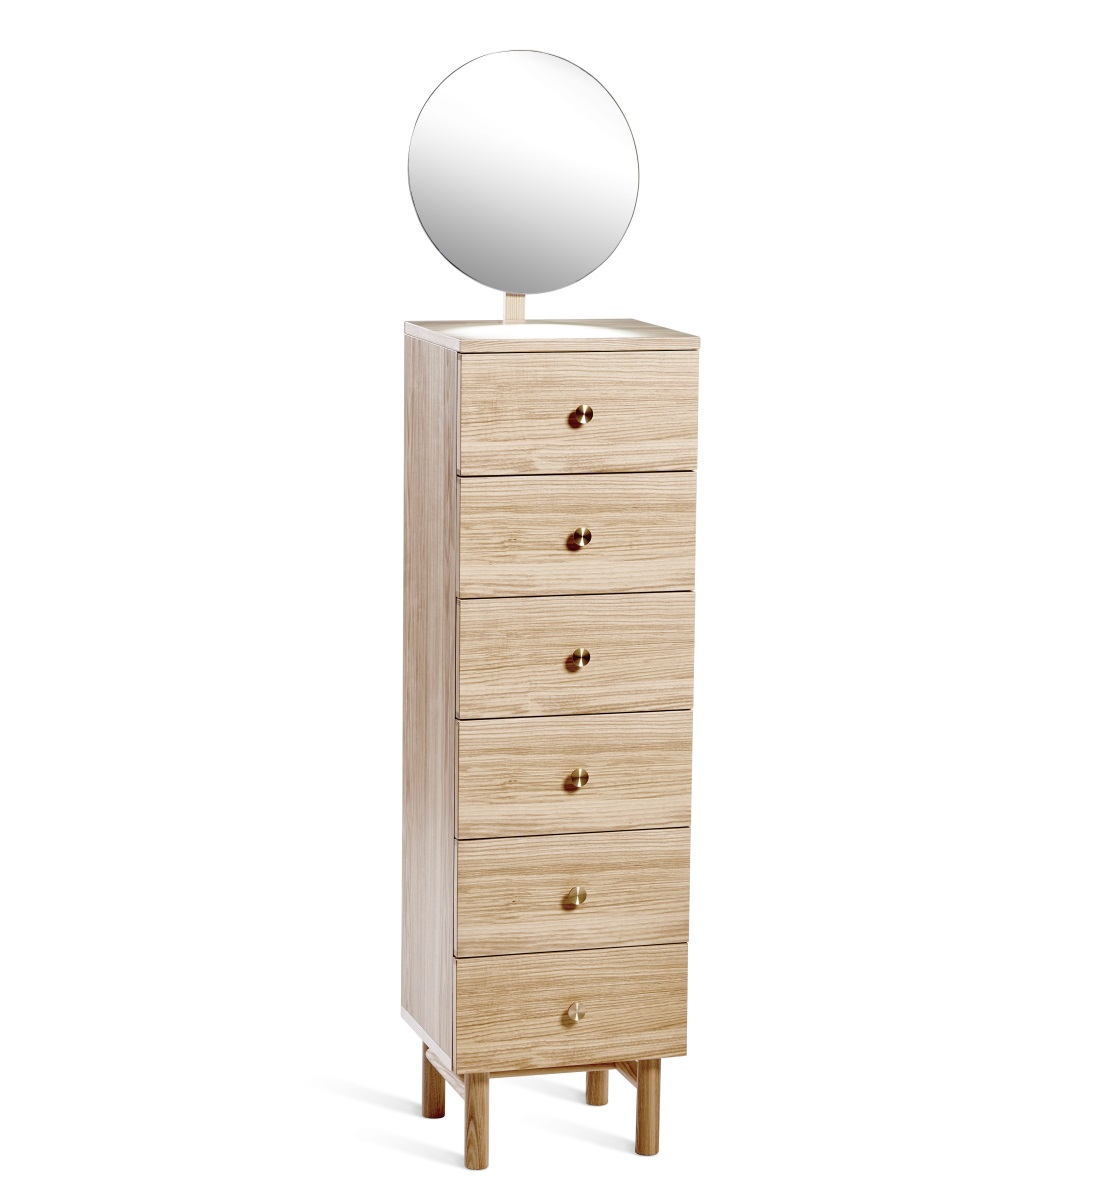 Post byrå i ask 6 lådor med spegel, Mavis